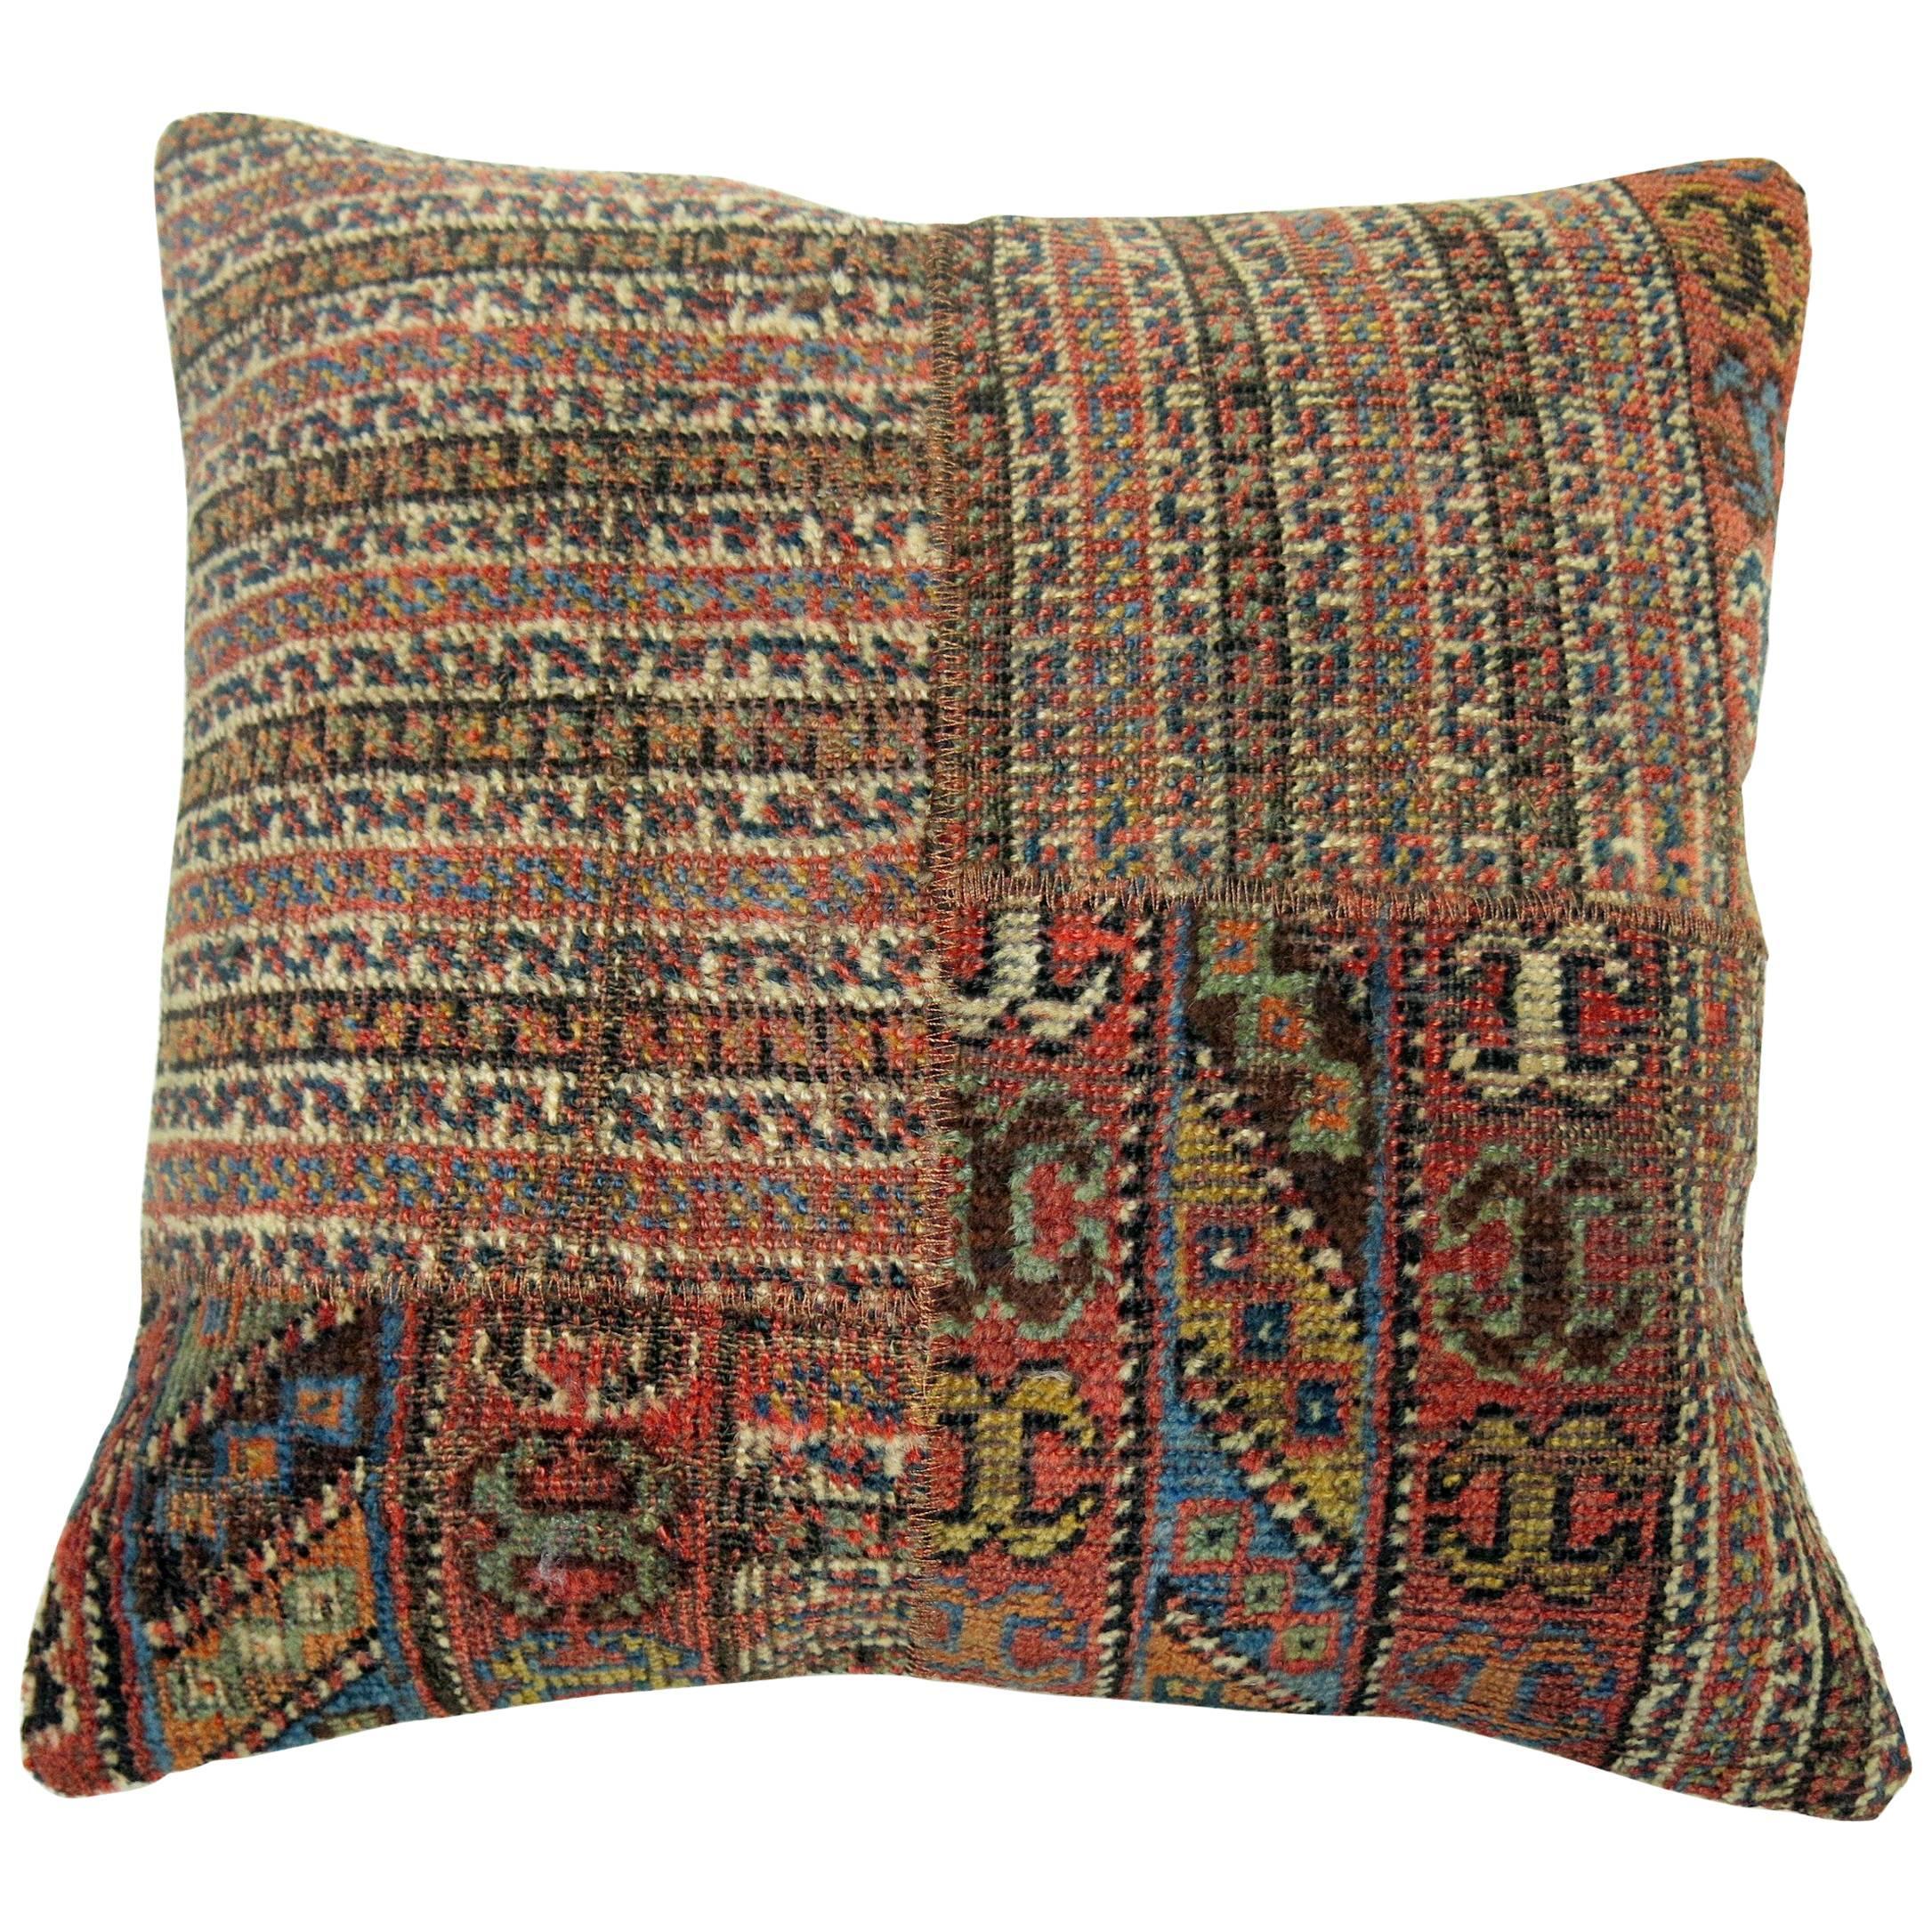 Patchwork Tribal Persian Rug Pillow